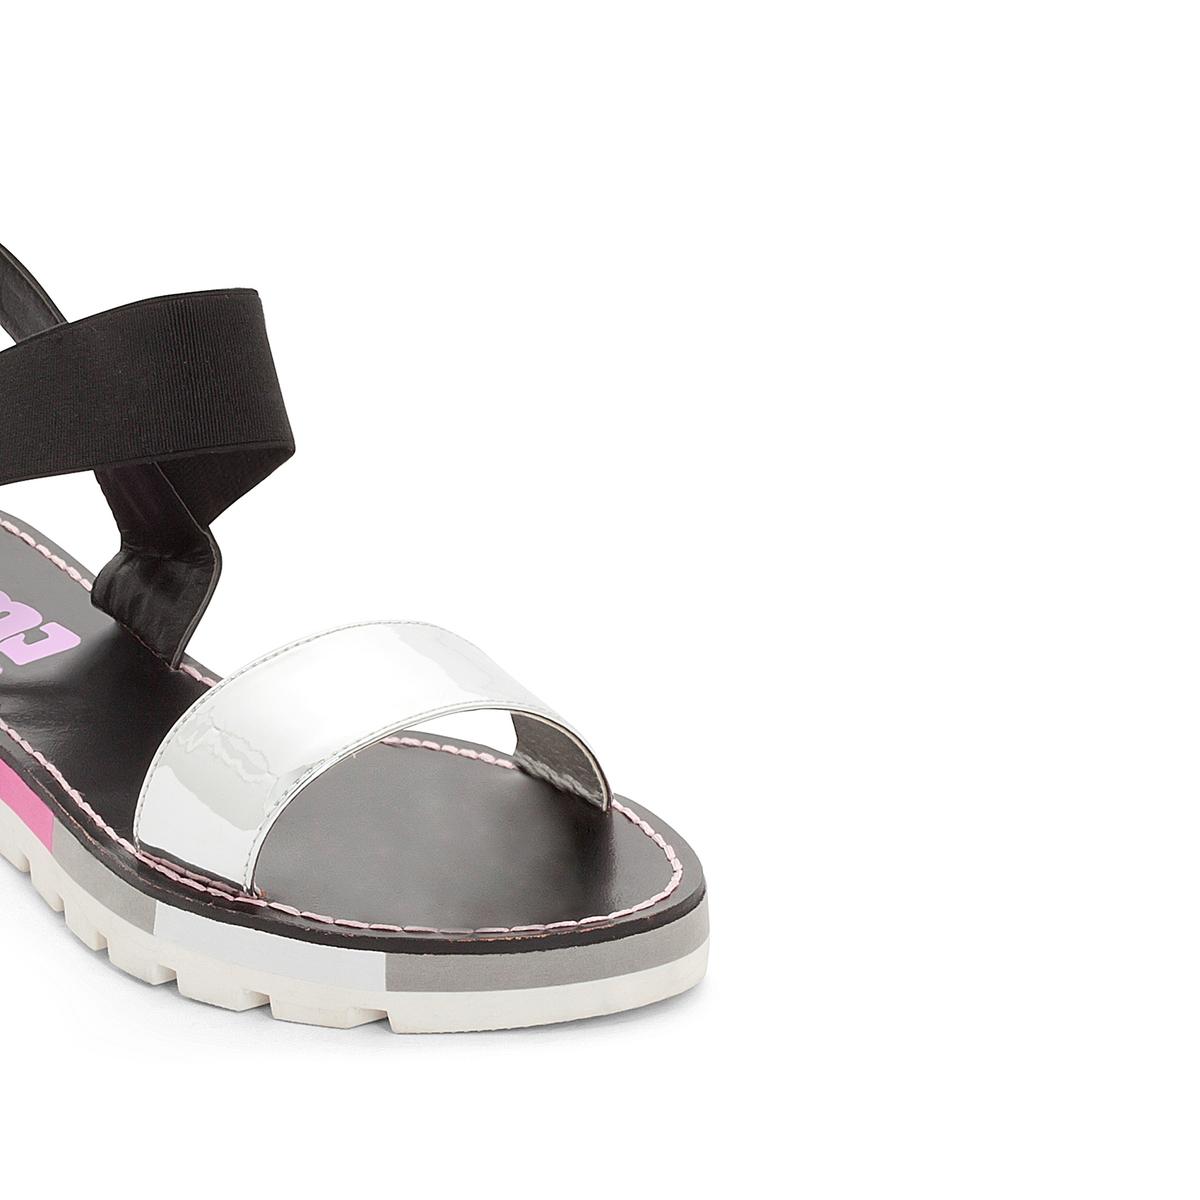 Босоножки MadagascarВерх/Голенище : синтетика  Подкладка : синтетика  Стелька : синтетика  Подошва : каучук   Форма каблука : плоский каблук  Мысок : закругленный мысок  Застежка : без застежки<br><br>Цвет: черный/ розовый,черный/ серебристый<br>Размер: 40.40.38.38